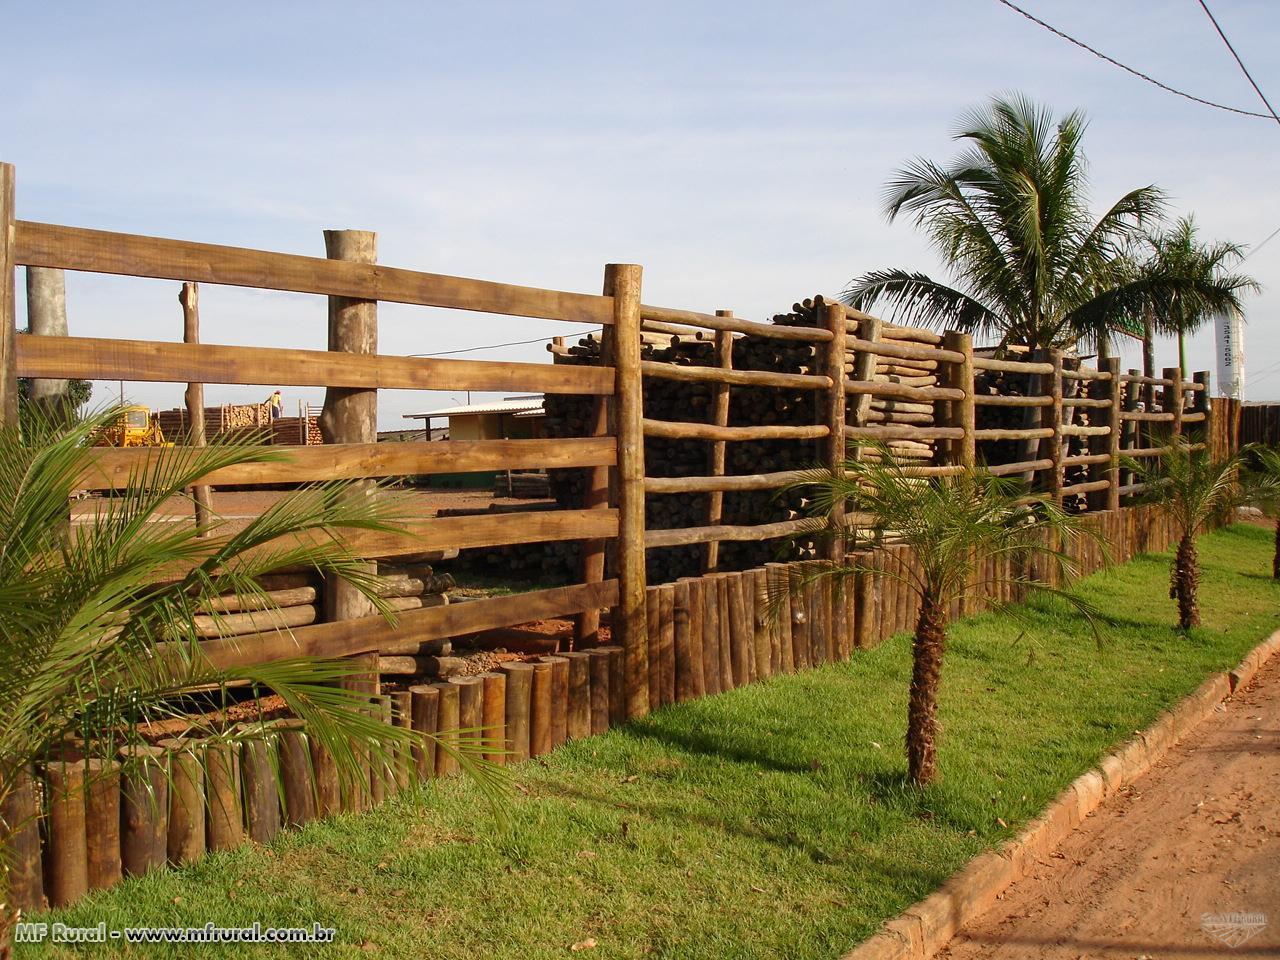 Eucalipto Tratado para cercas e currais